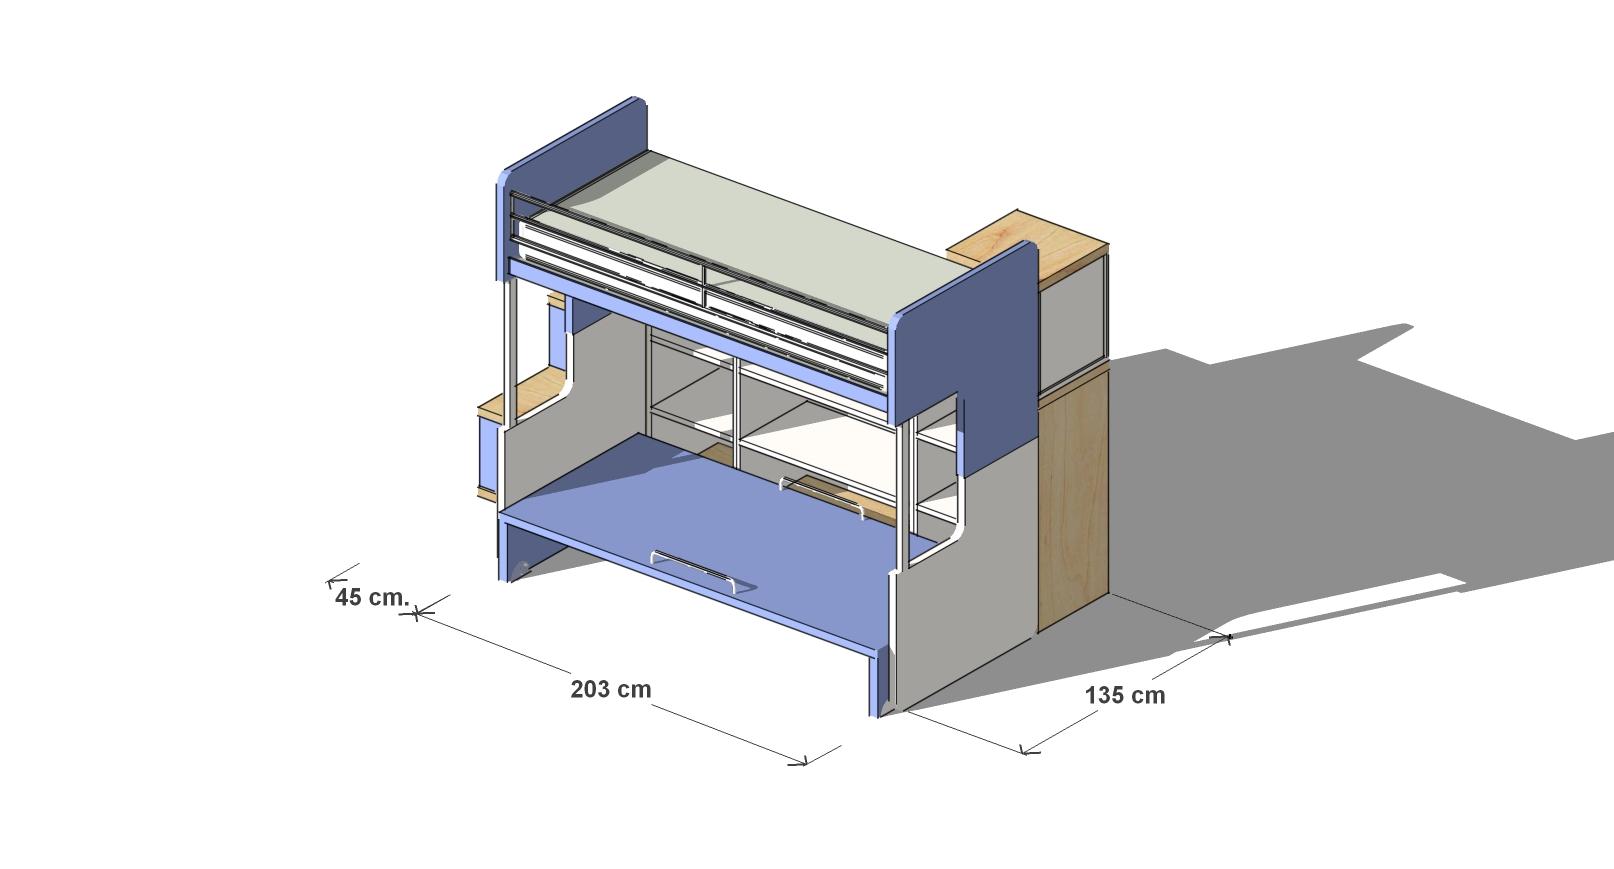 Dimensioni Letto A Castello.Cameretta Letto A Castello Luna 903 Arredamento Cucine Moderne